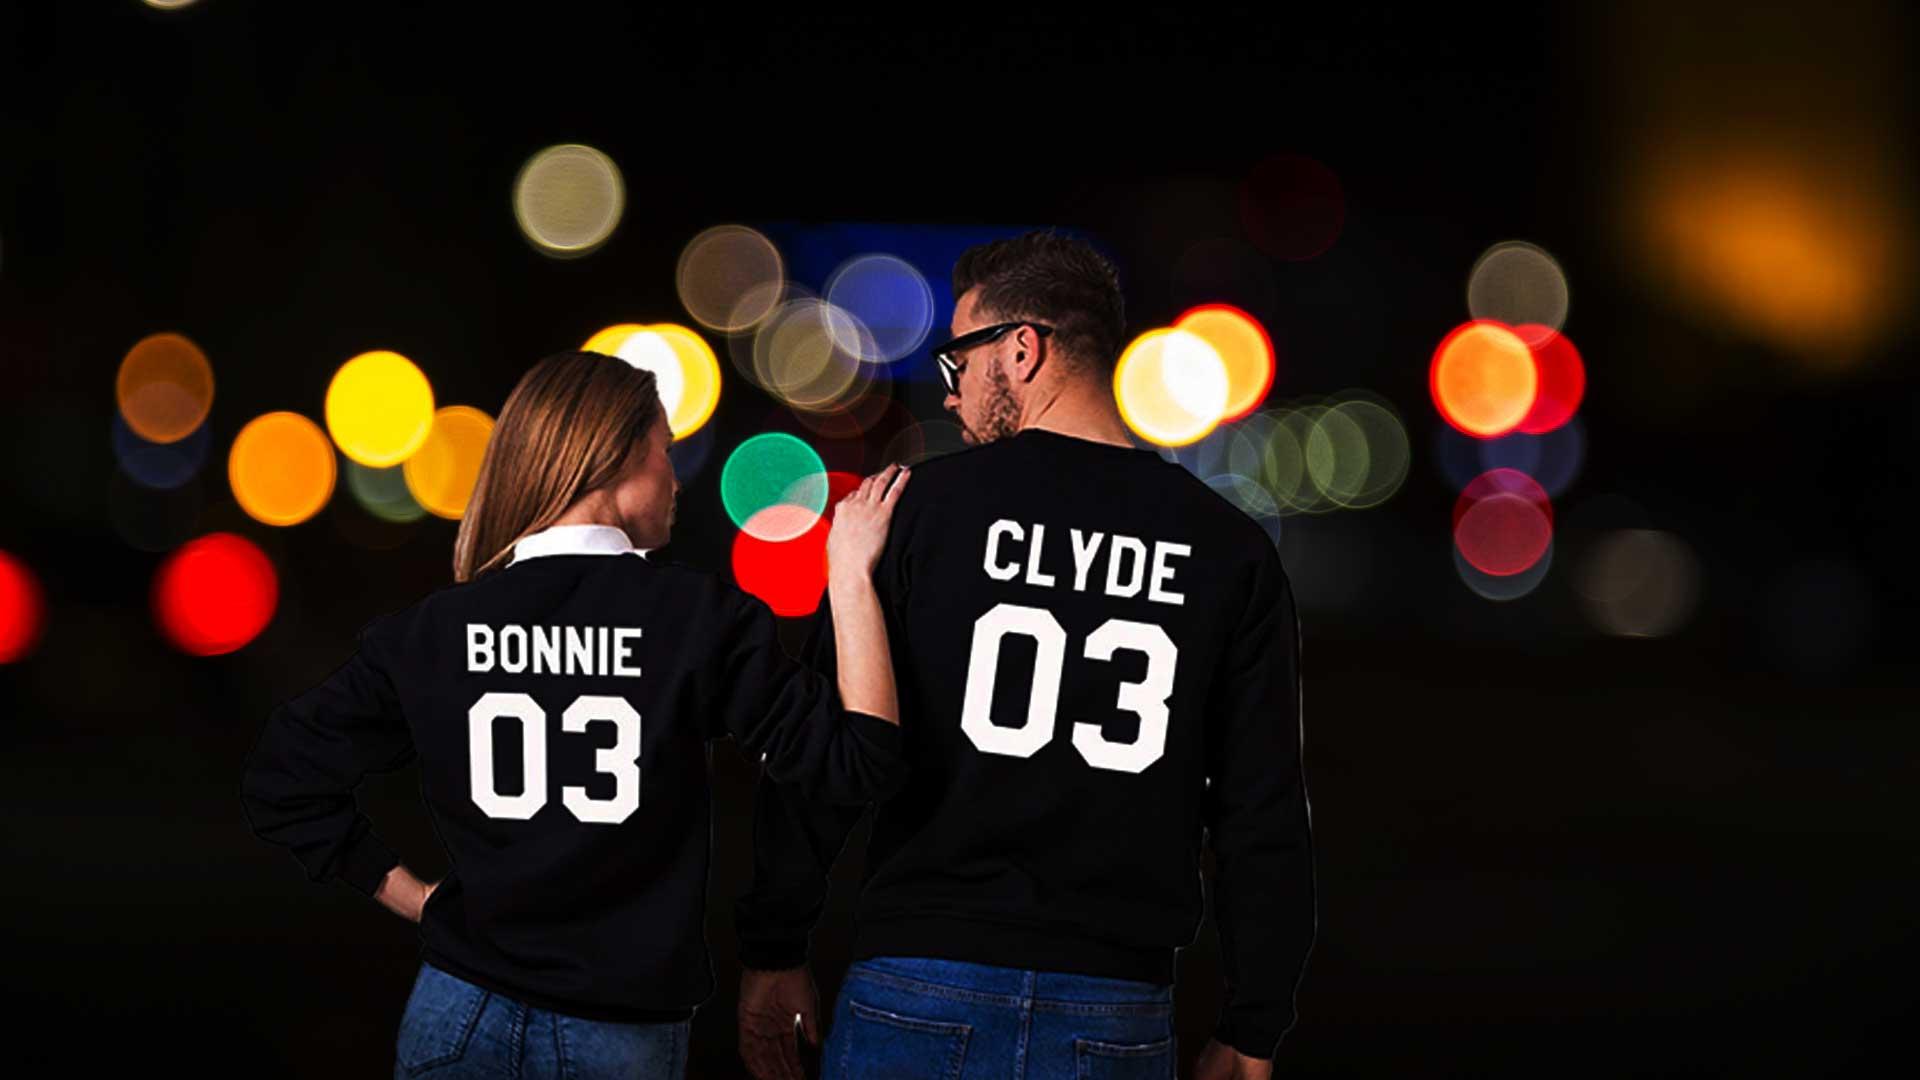 bonnie und clyde pullover